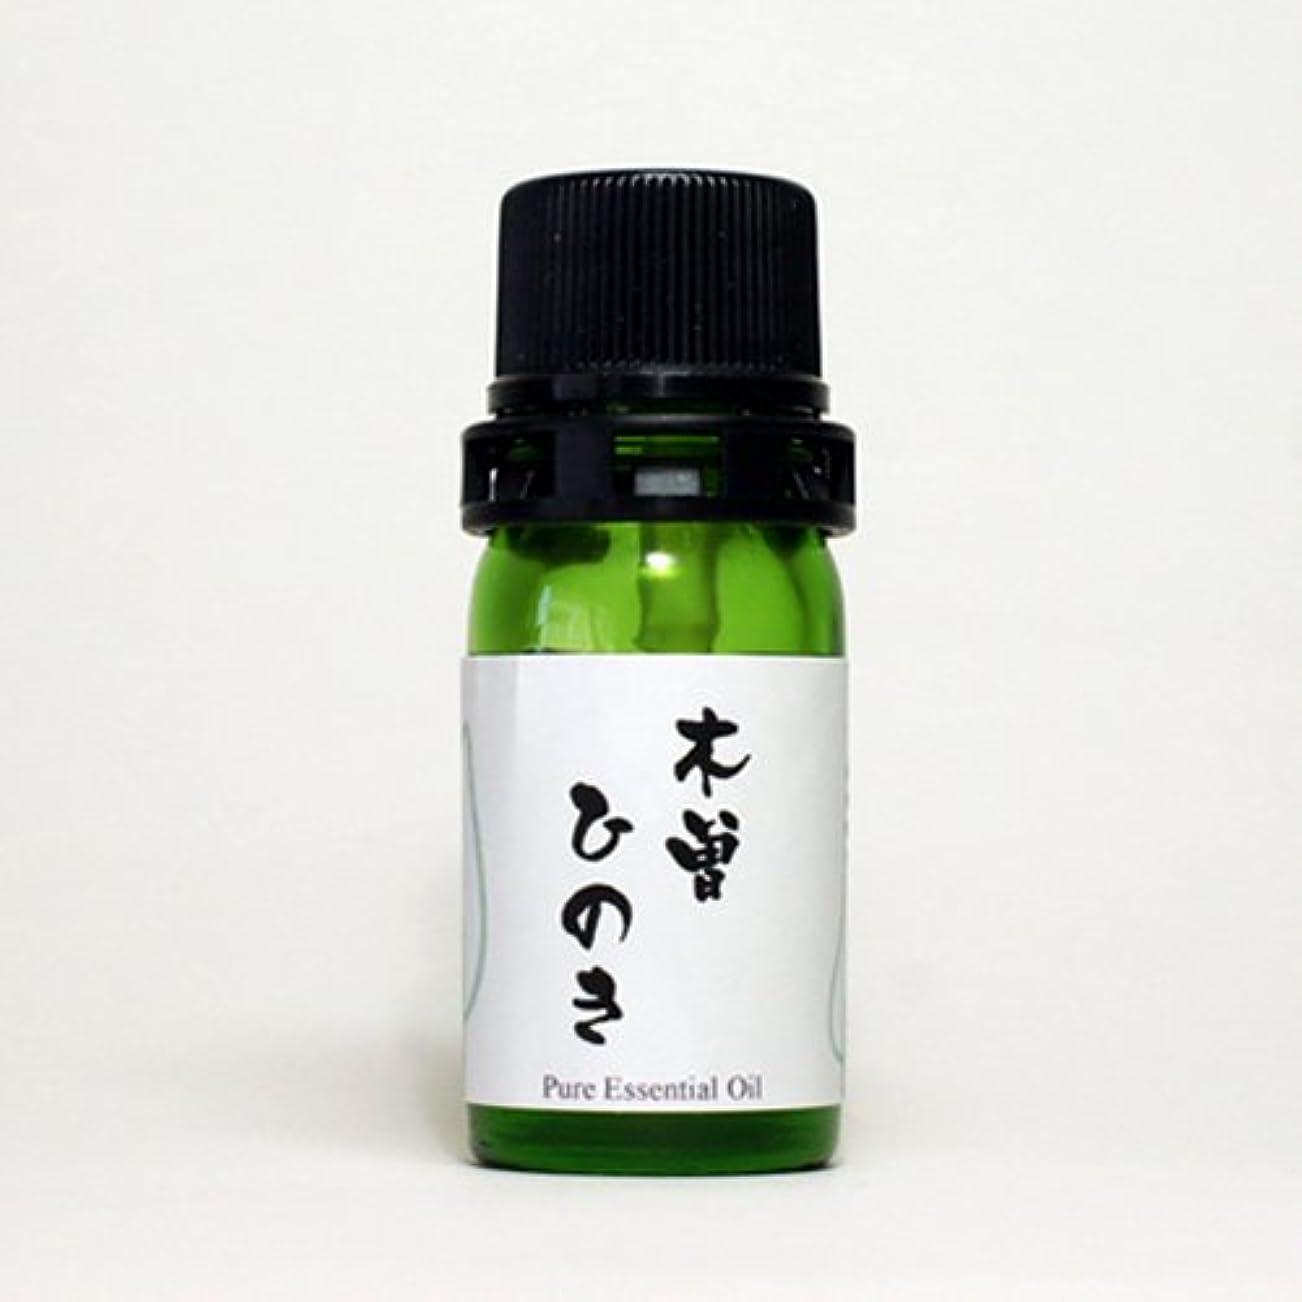 小石強度嵐和精油 木曽ひのき(長野県産) エッセンシャルオイル 5ml